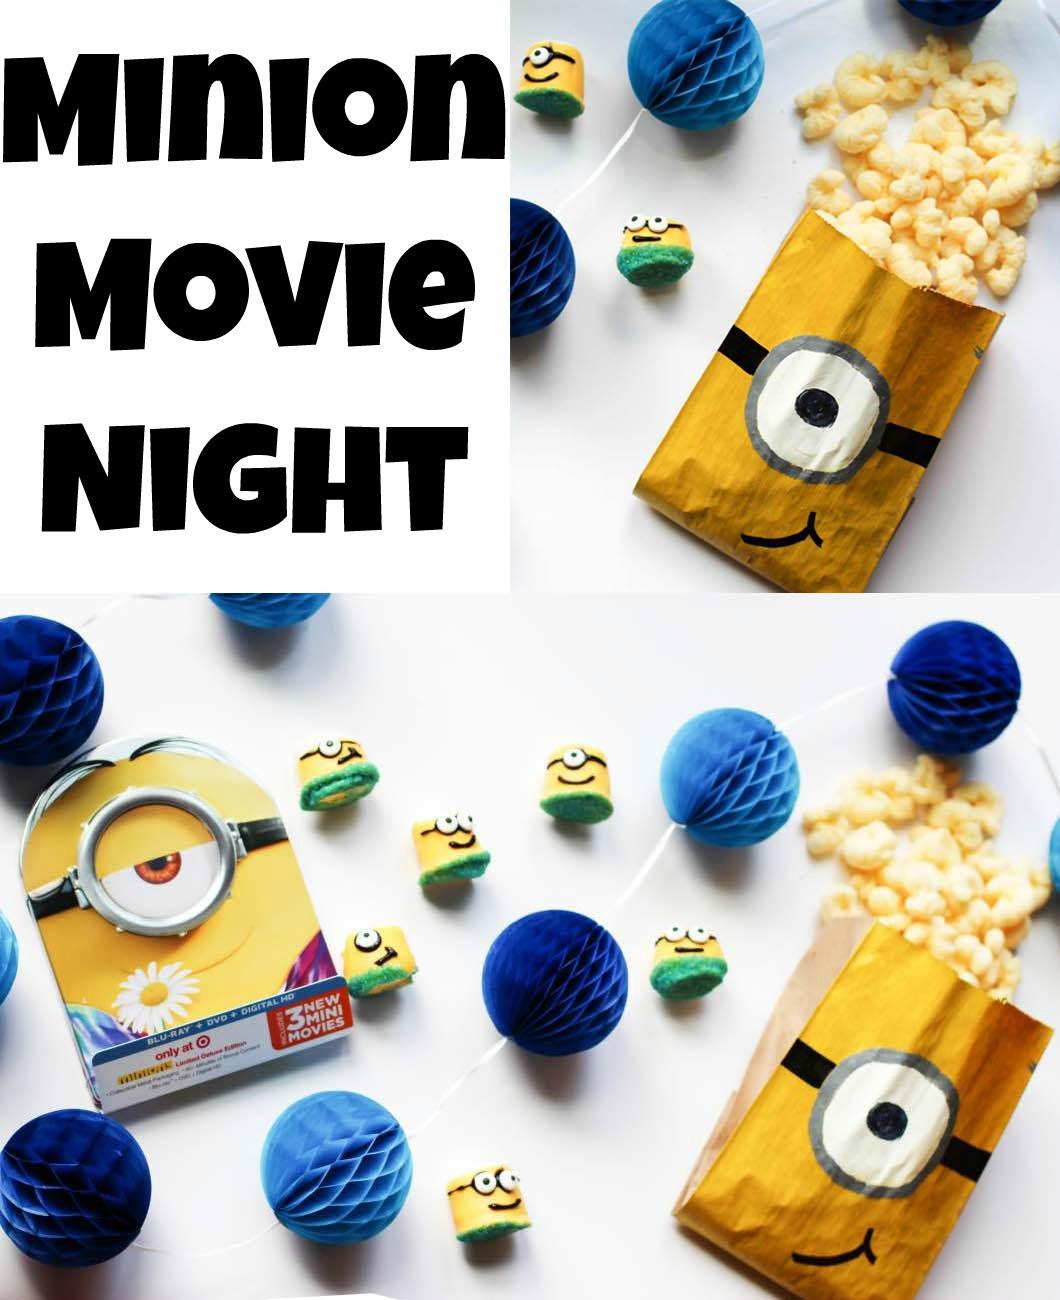 Minion Movie Night